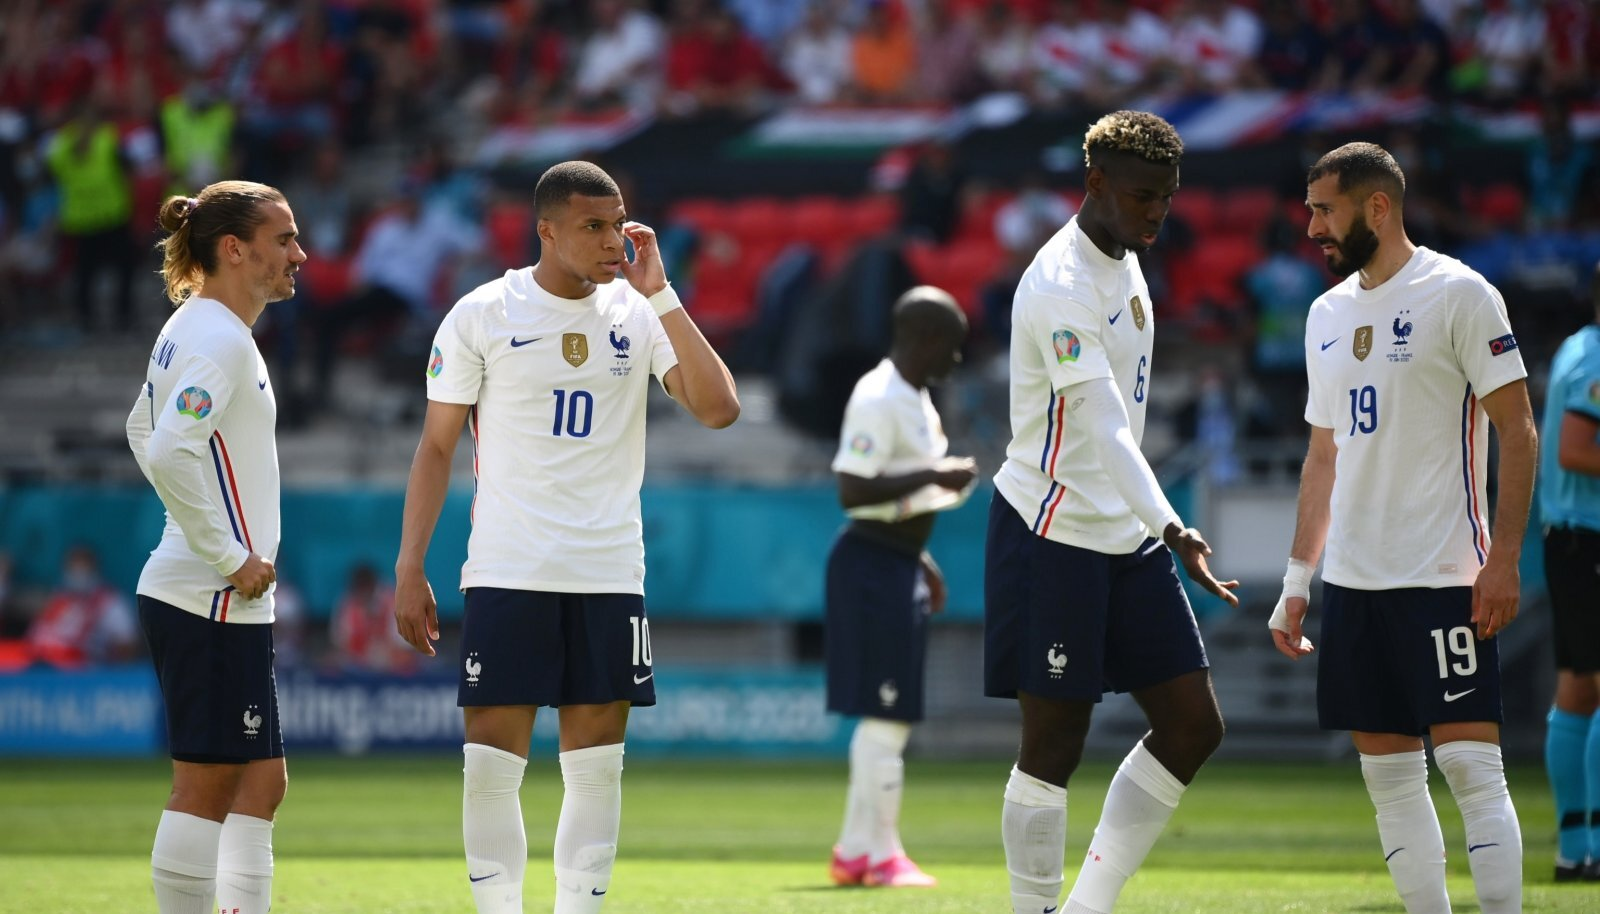 Prantsusmaa superstaarid (vasakult) Antoine Griezmann, Kylian Mbappé, Paul Pogba ja Karim Benzema tõestasid, et ka nemad on tavalised inimesed ega tee kõike ideaalselt.